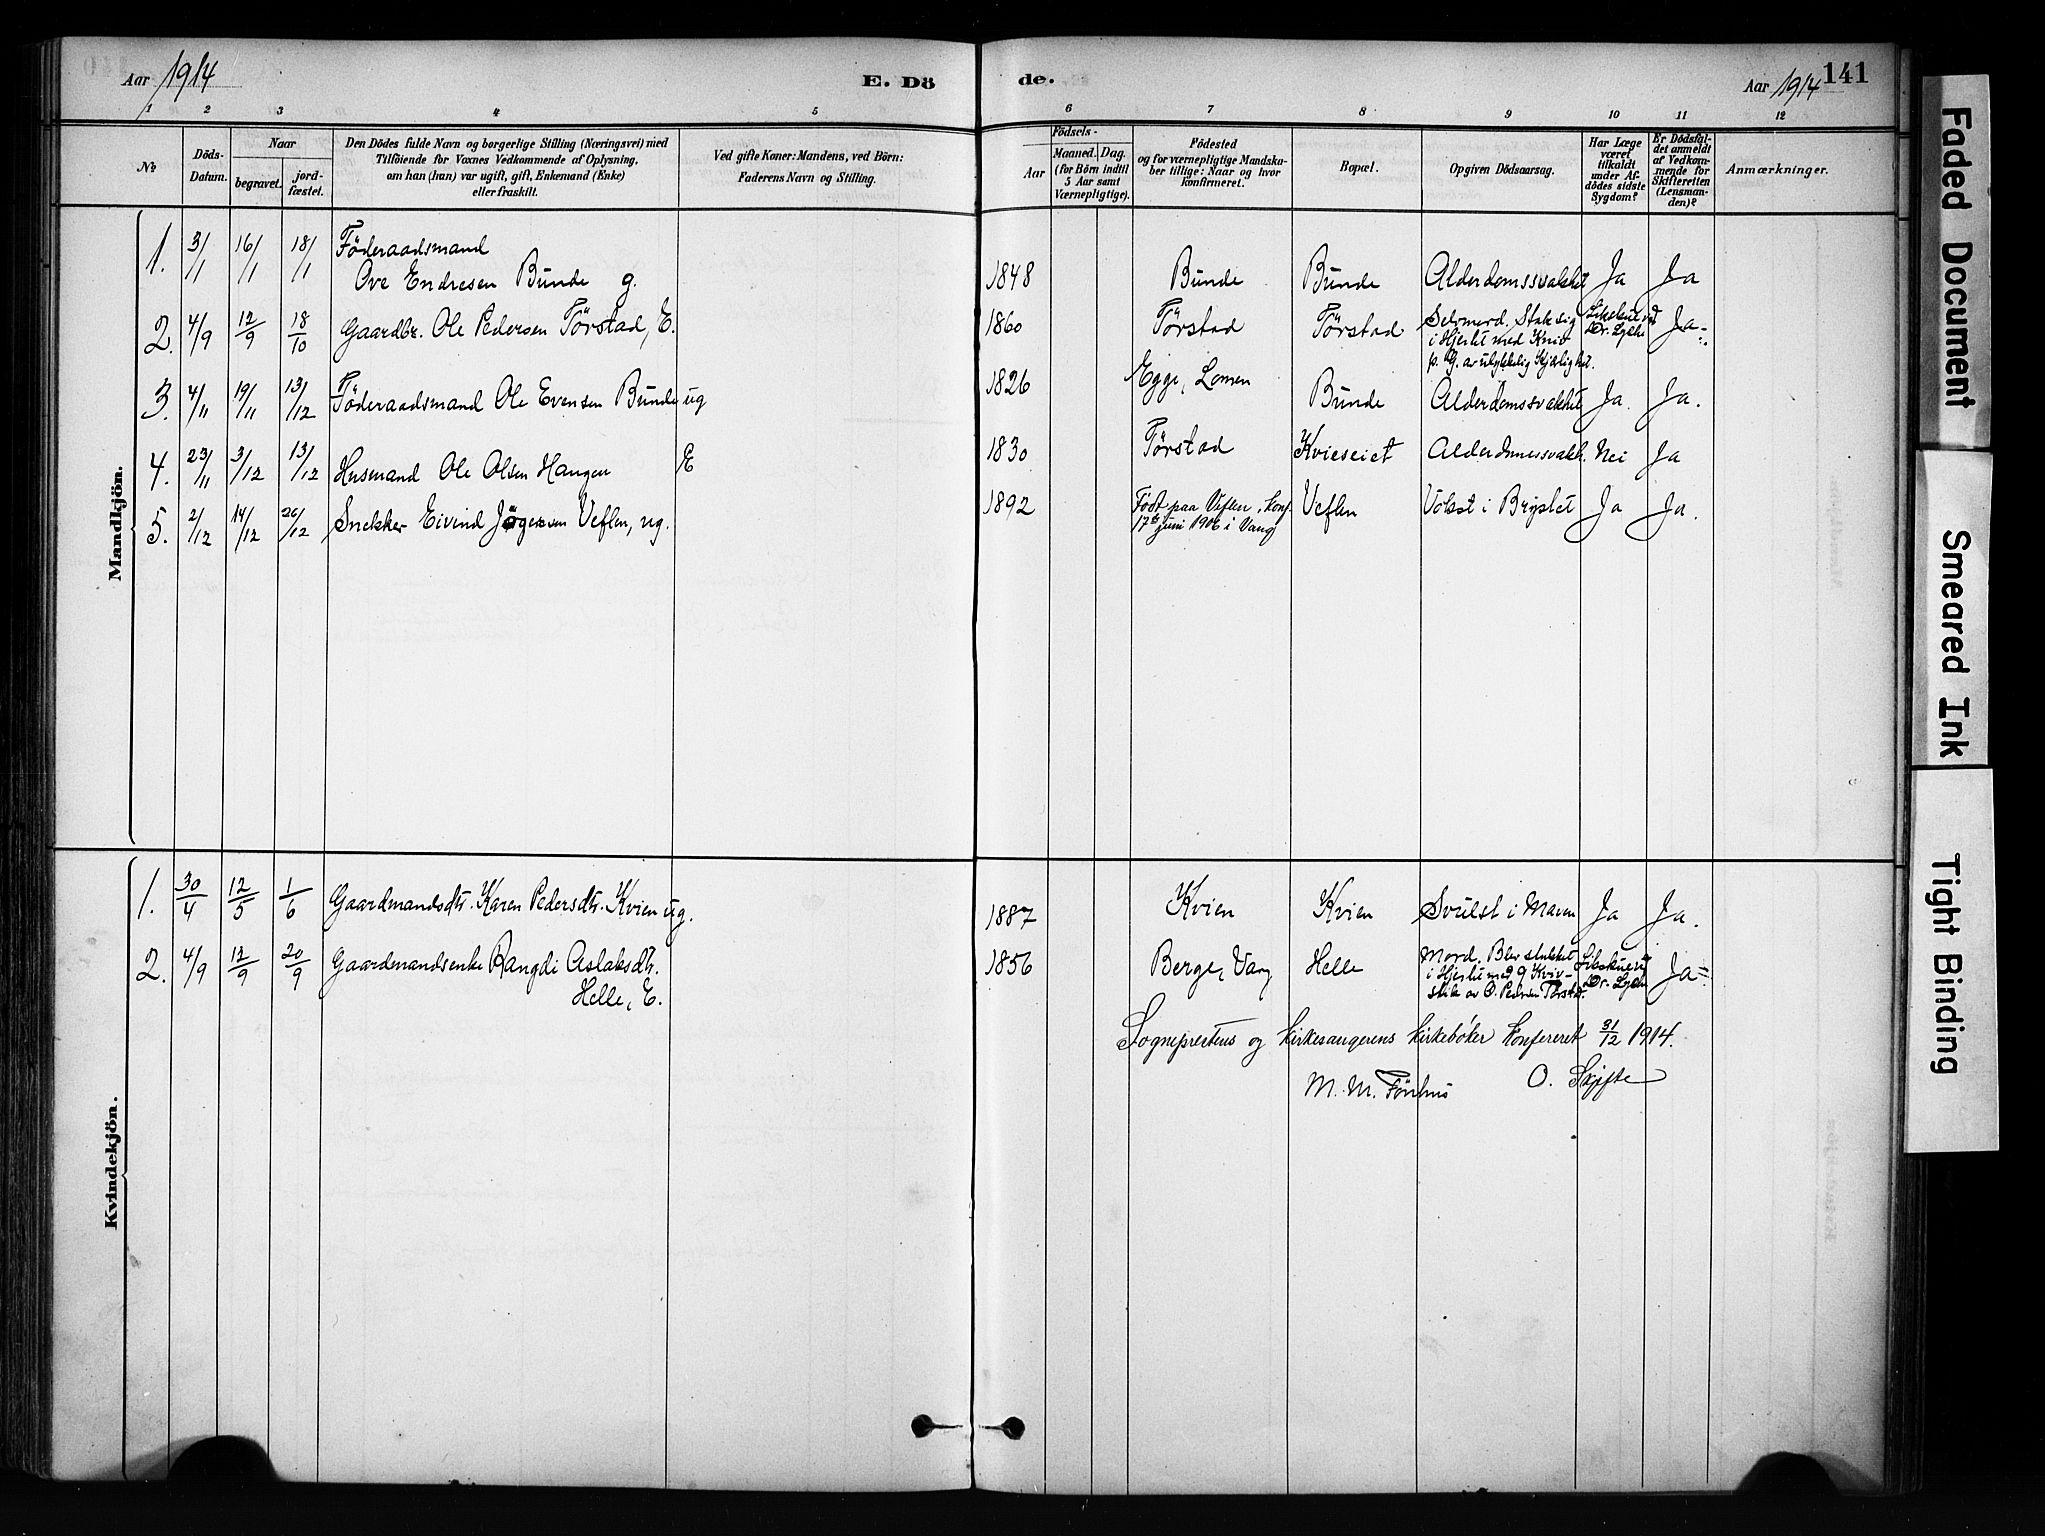 SAH, Vang prestekontor, Valdres, Ministerialbok nr. 9, 1882-1914, s. 141